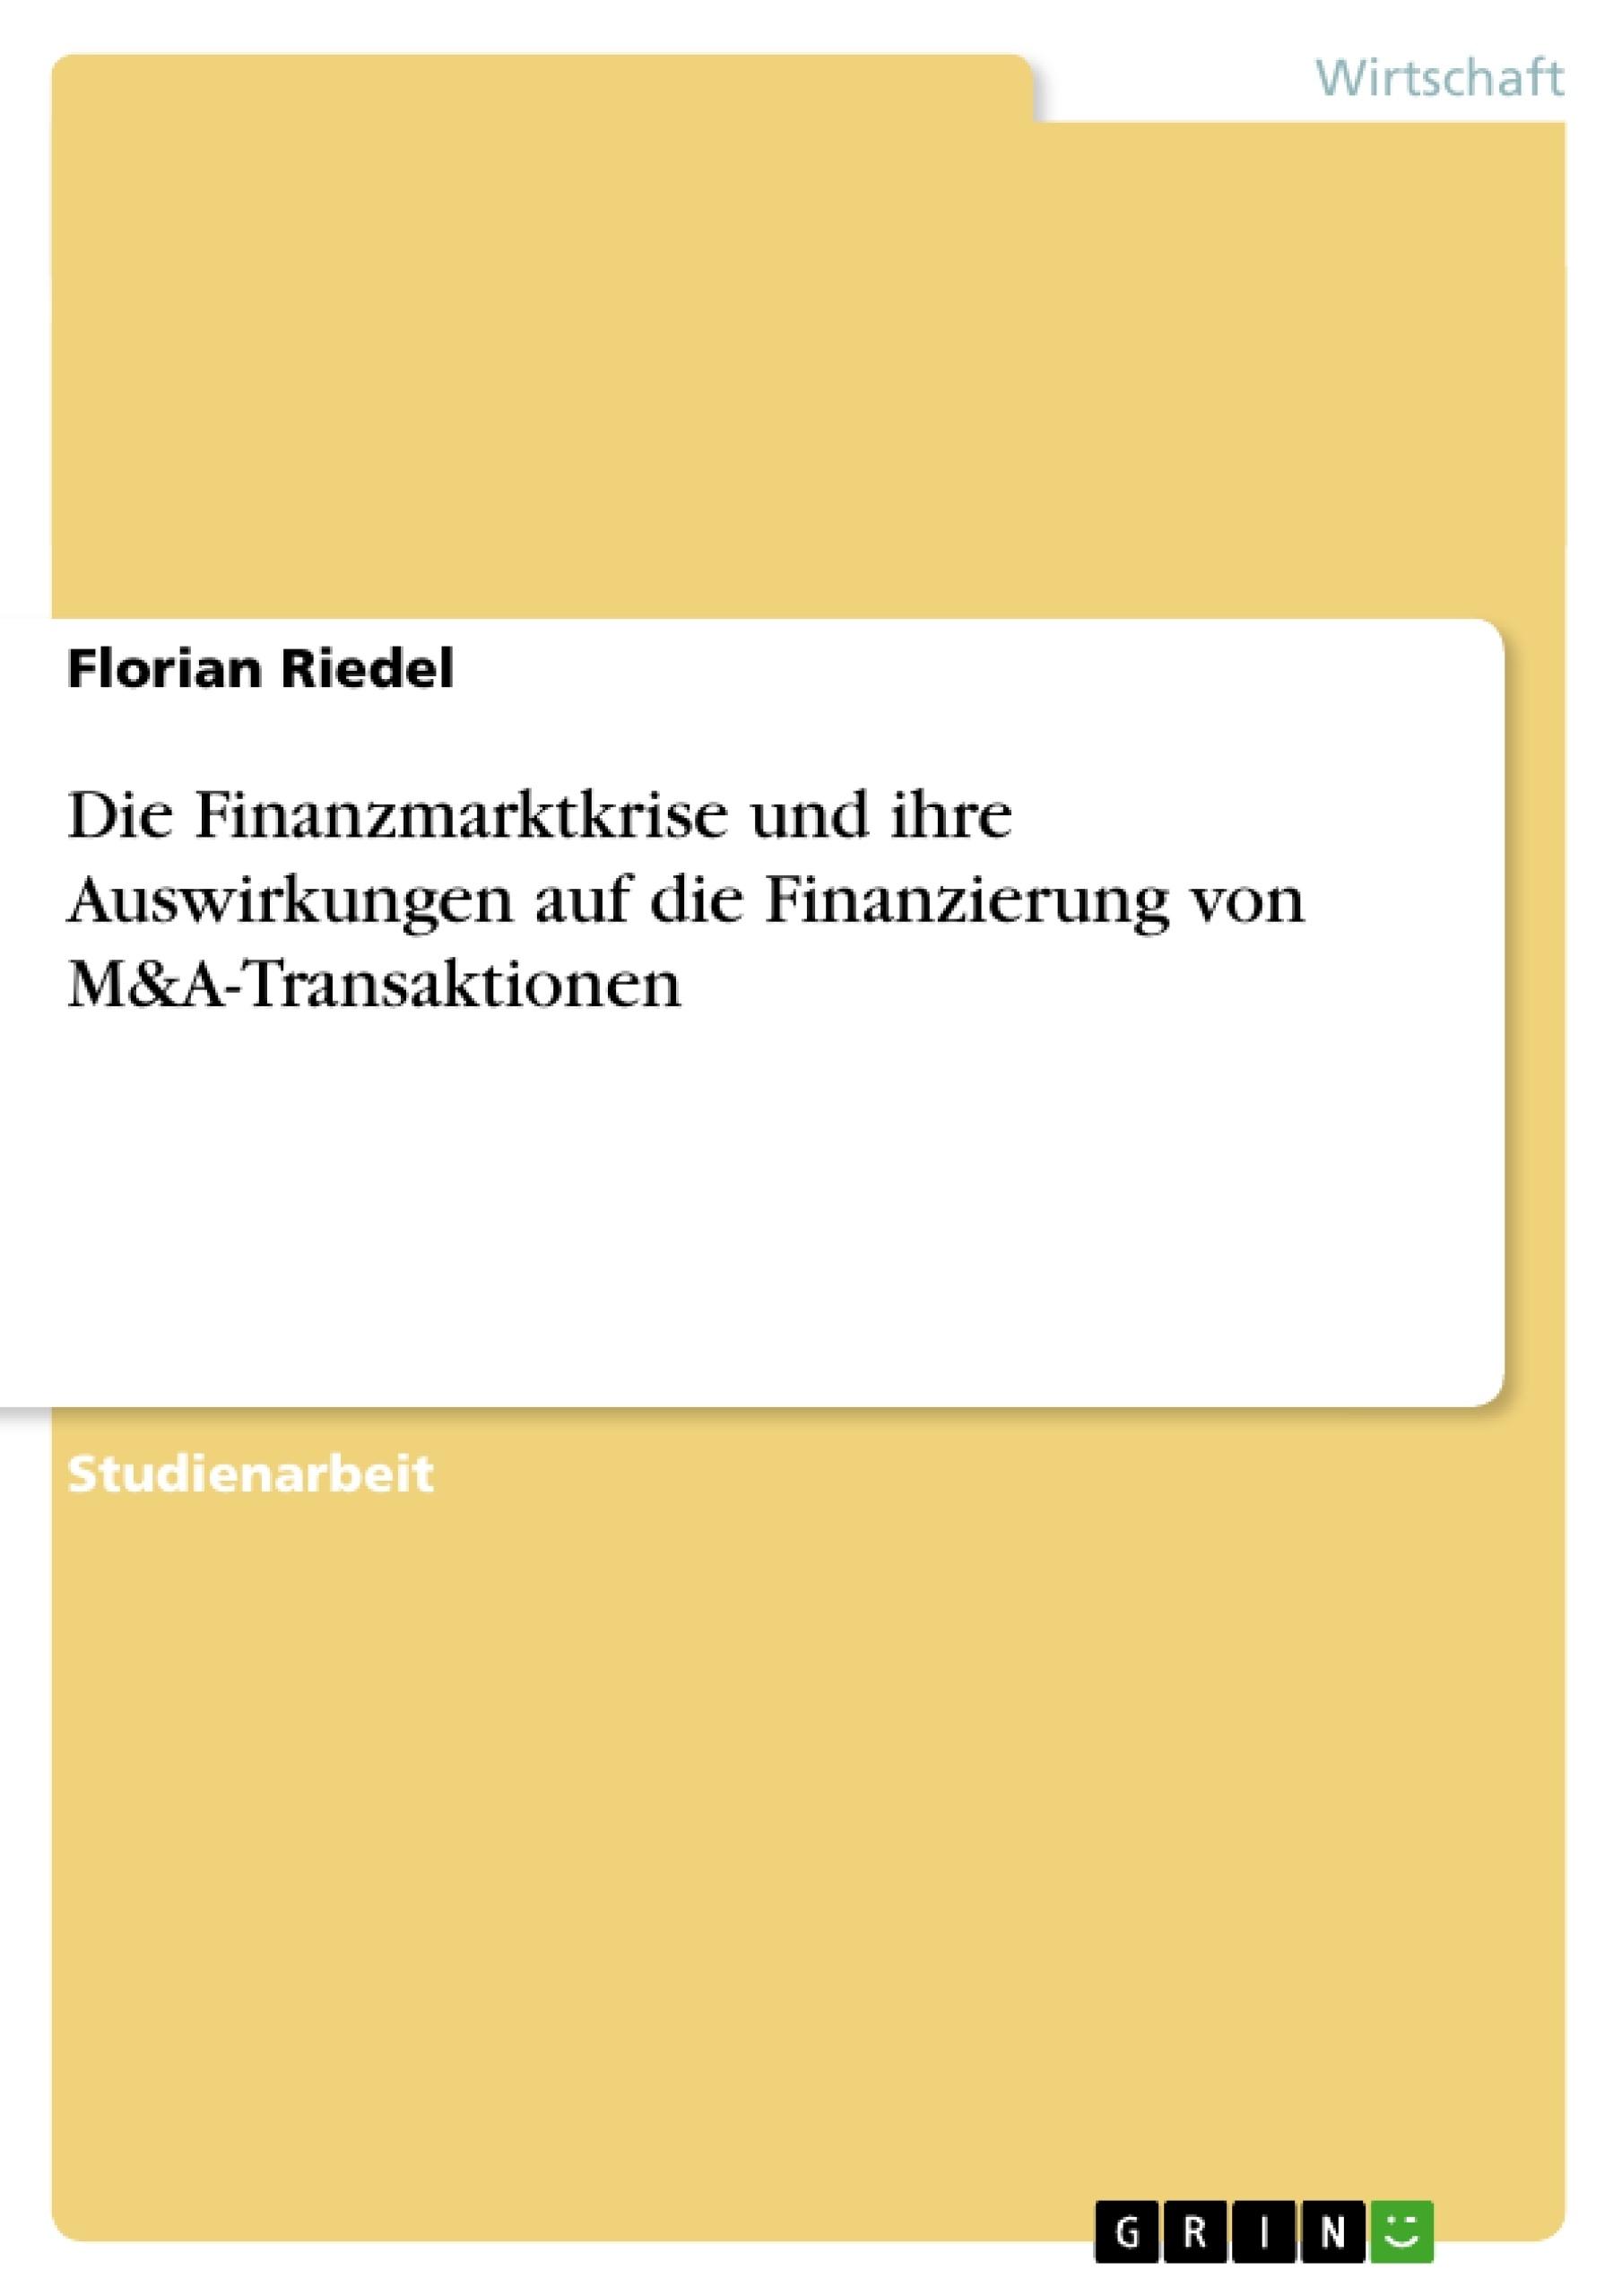 Titel: Die Finanzmarktkrise und ihre Auswirkungen auf die Finanzierung von M&A-Transaktionen